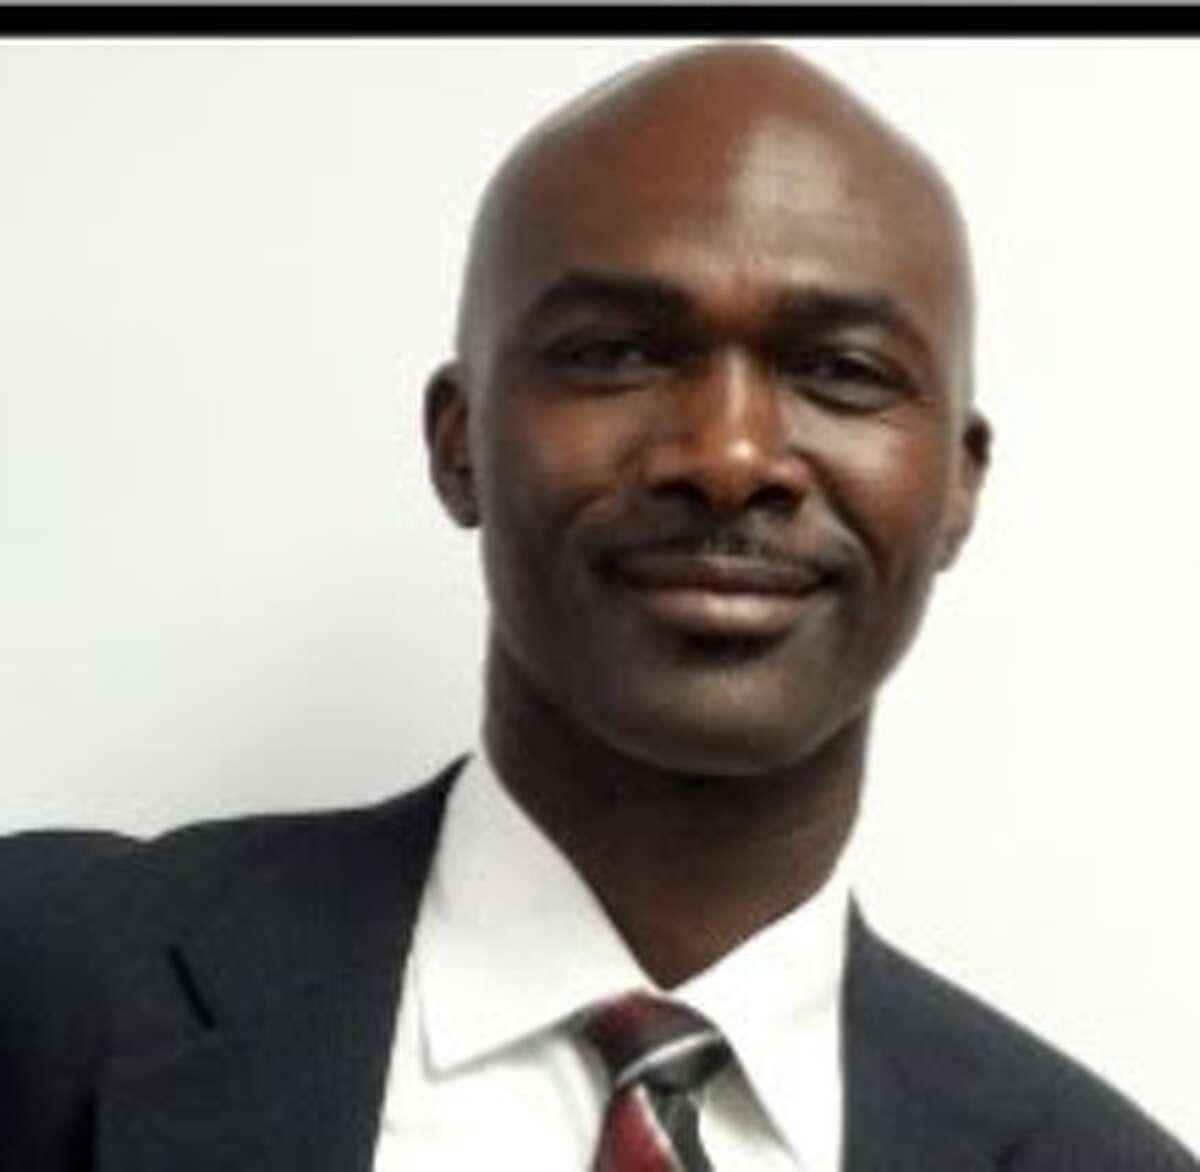 Houston City Council District B candidate James Joseph